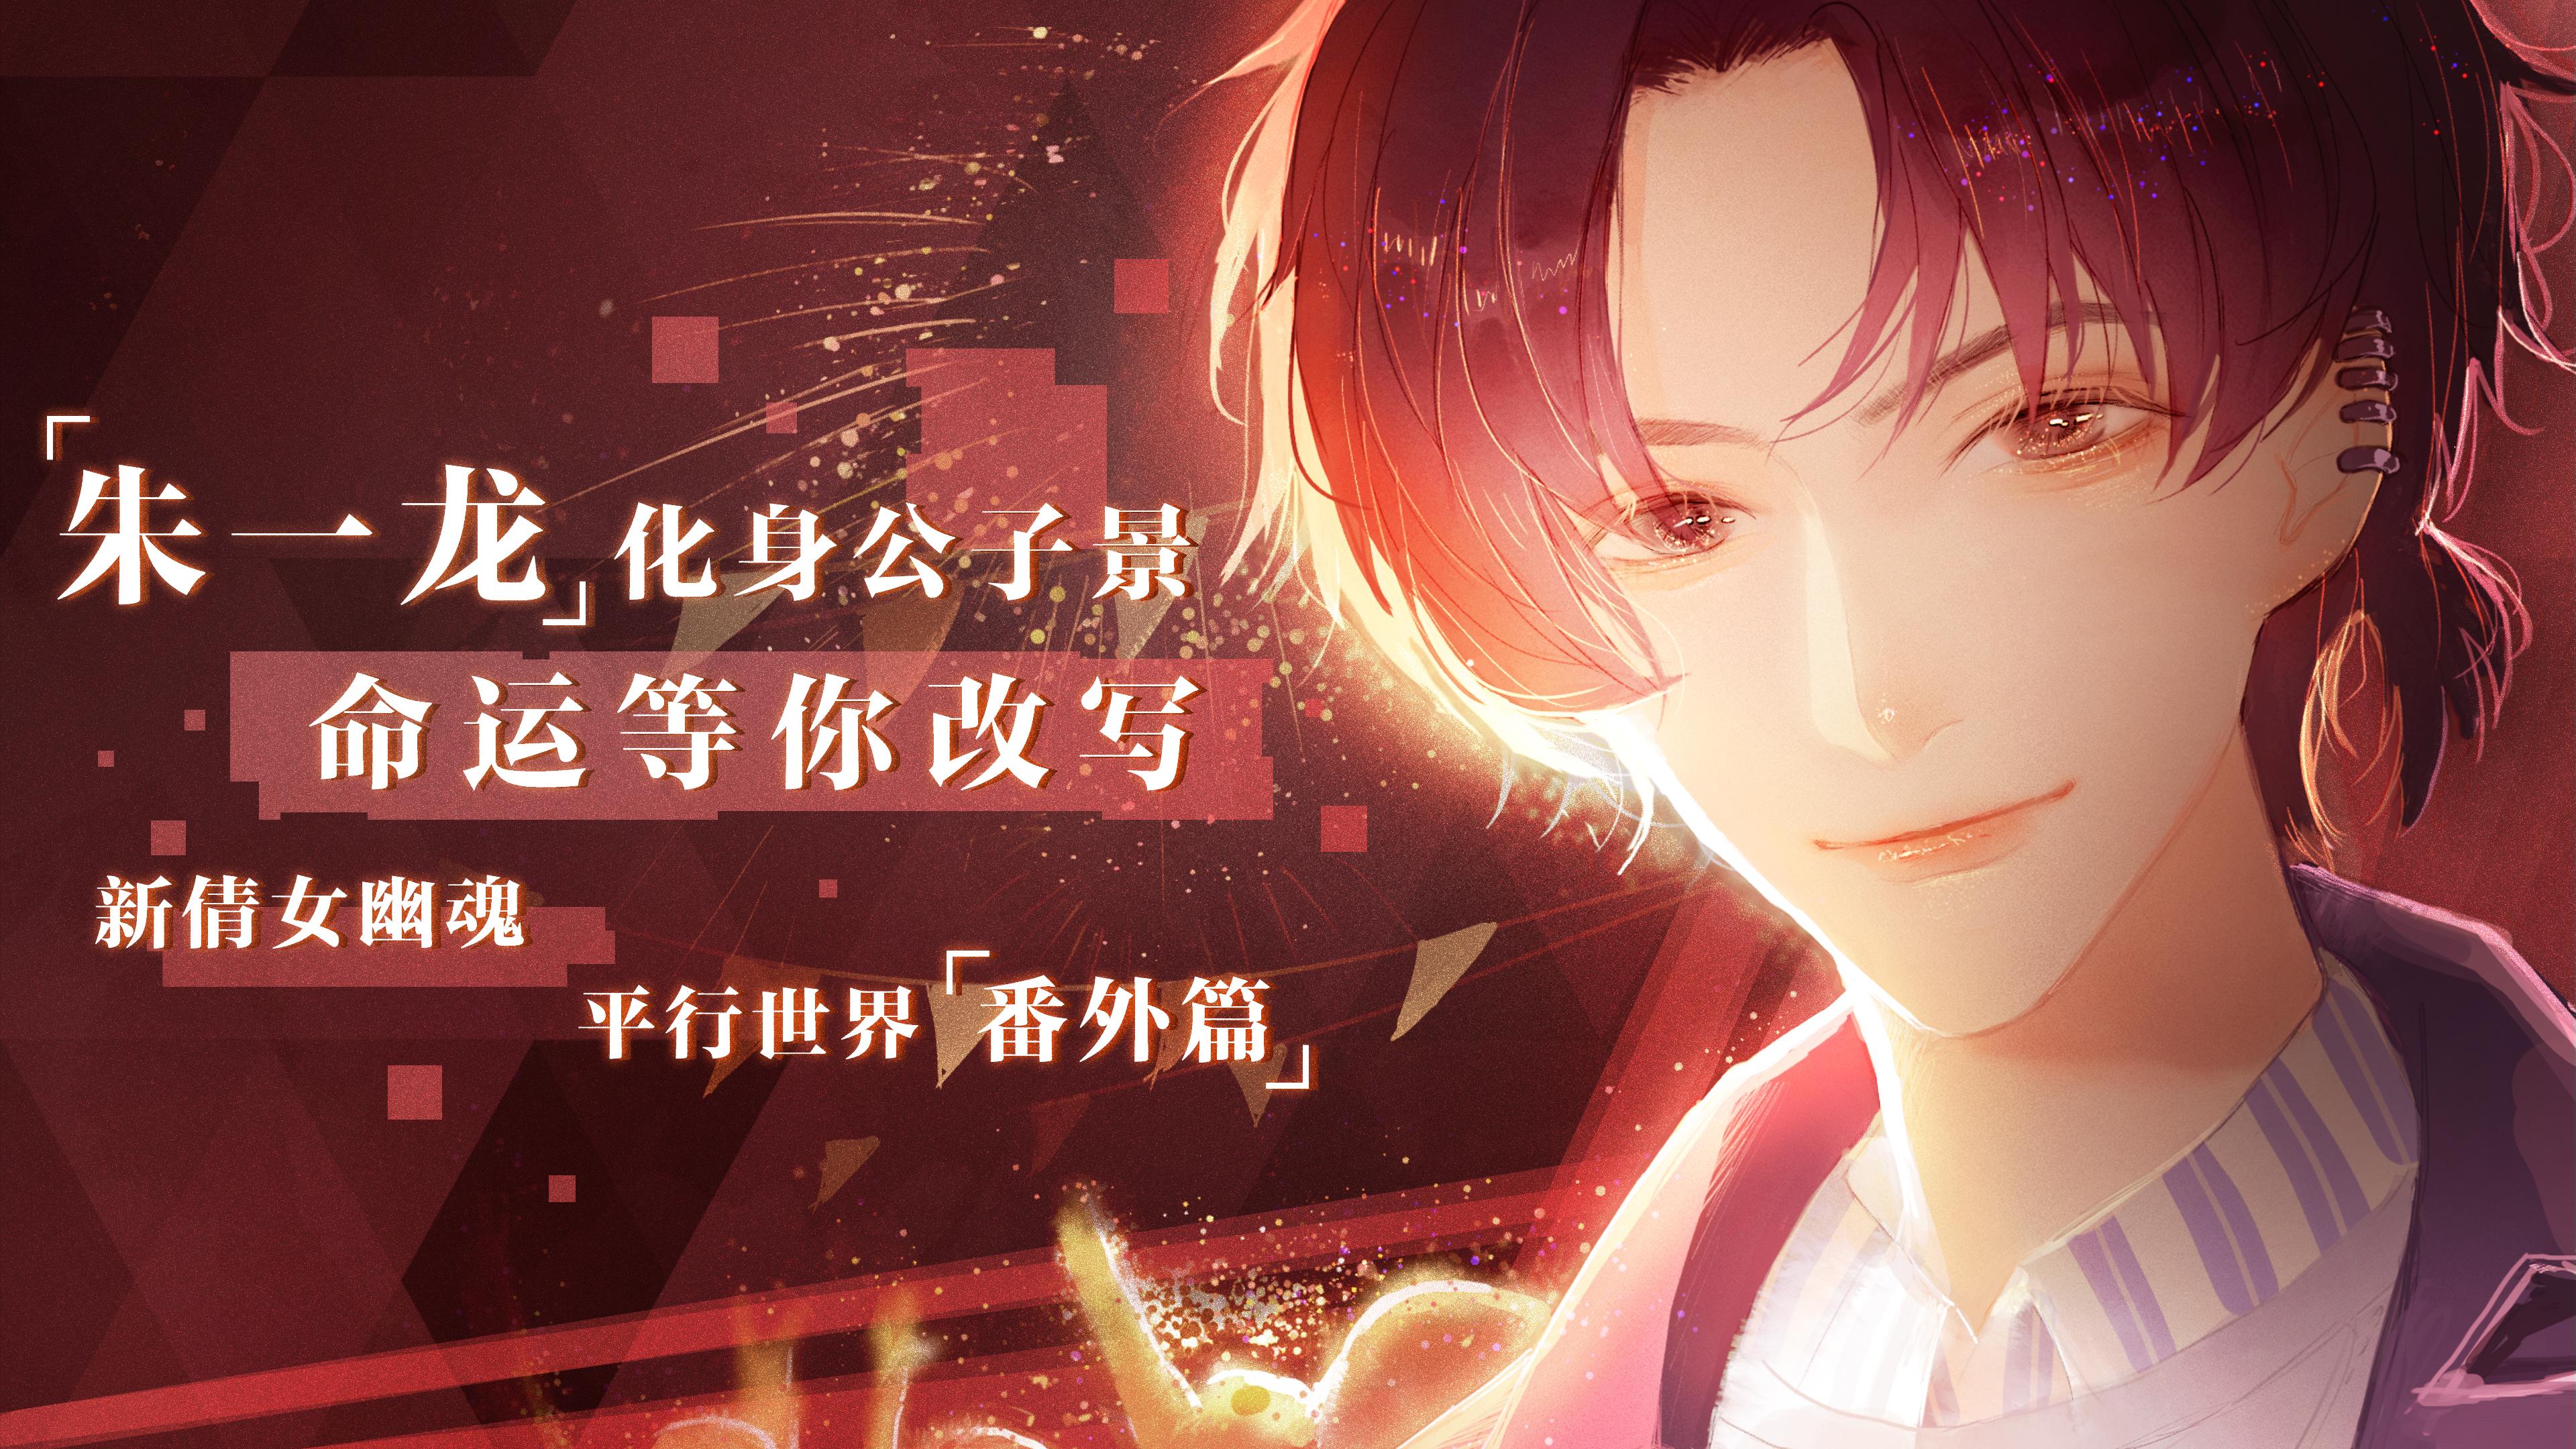 《新倩女幽魂》平行世界番外篇――【失忆偶像出道中】概念PV首爆